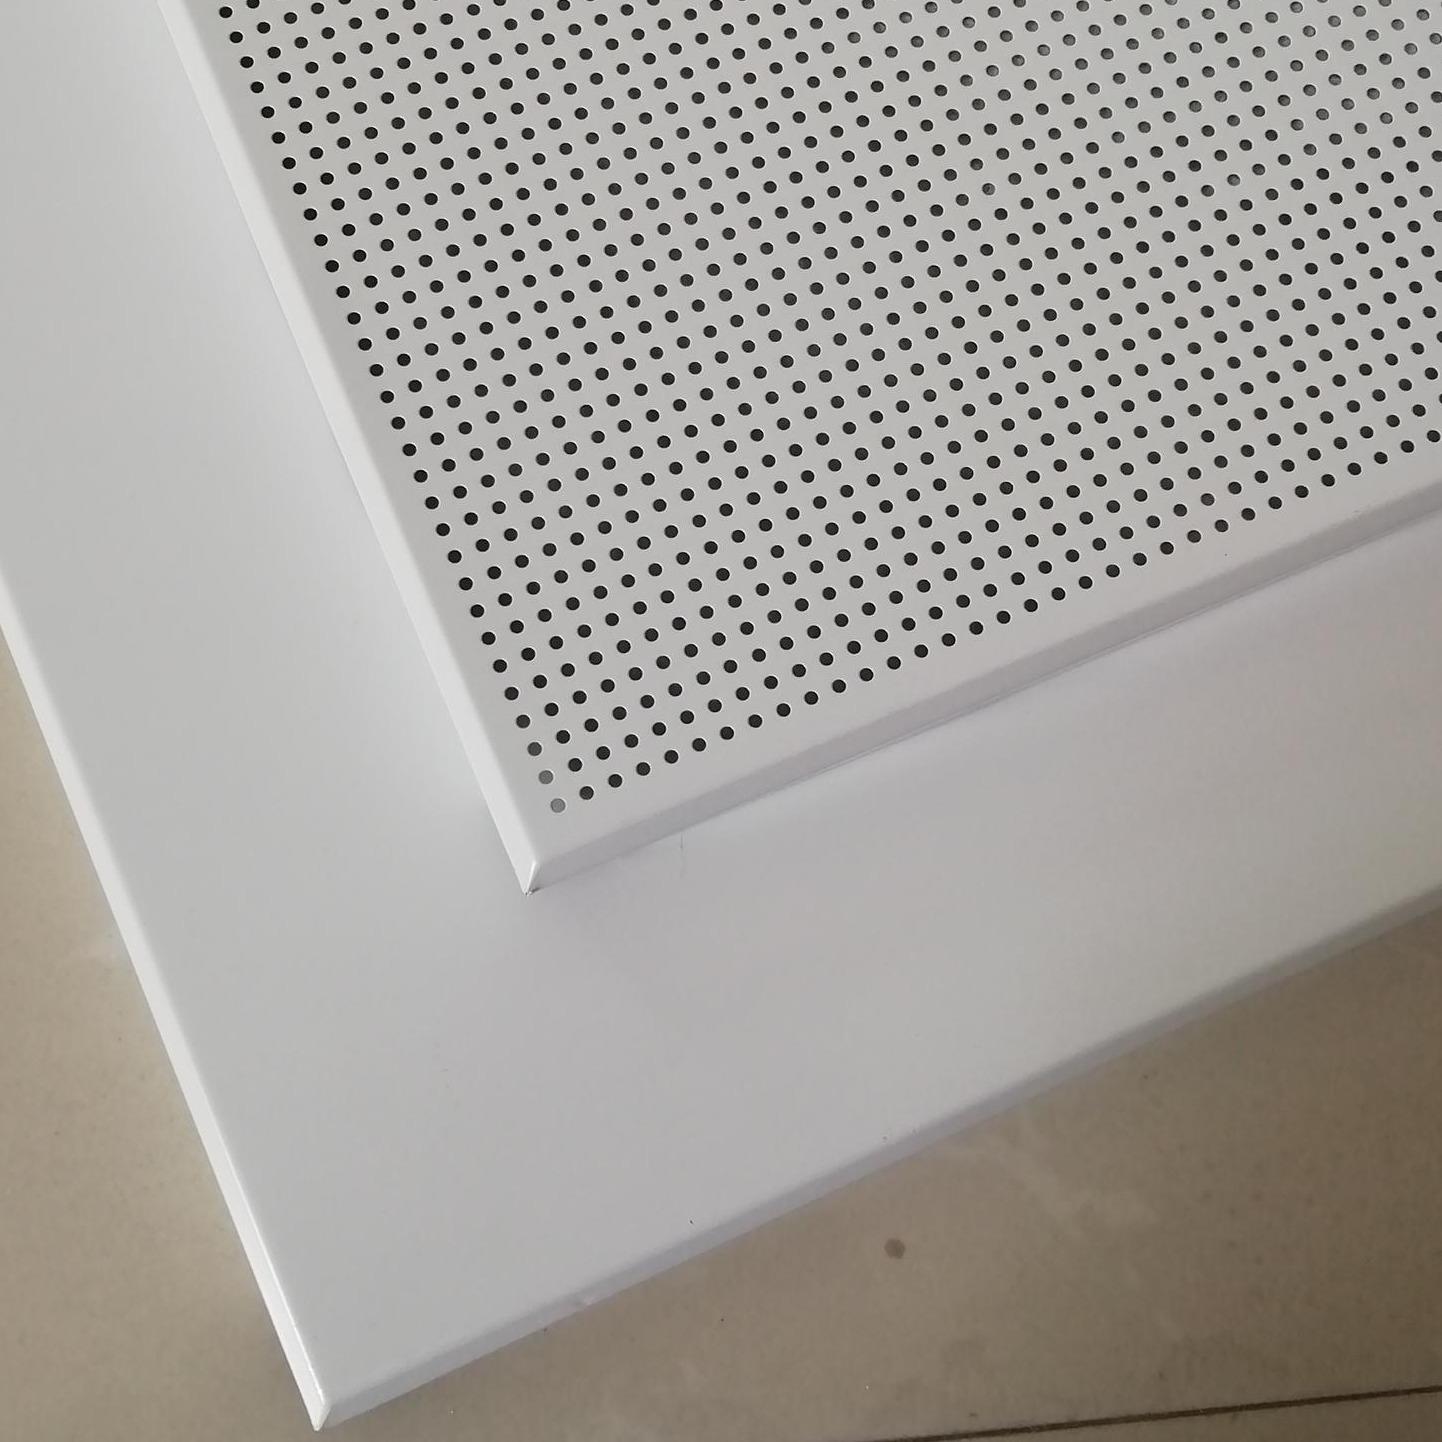 铝质吸音板 复合吸音铝扣板 吊顶隔音铝扣板